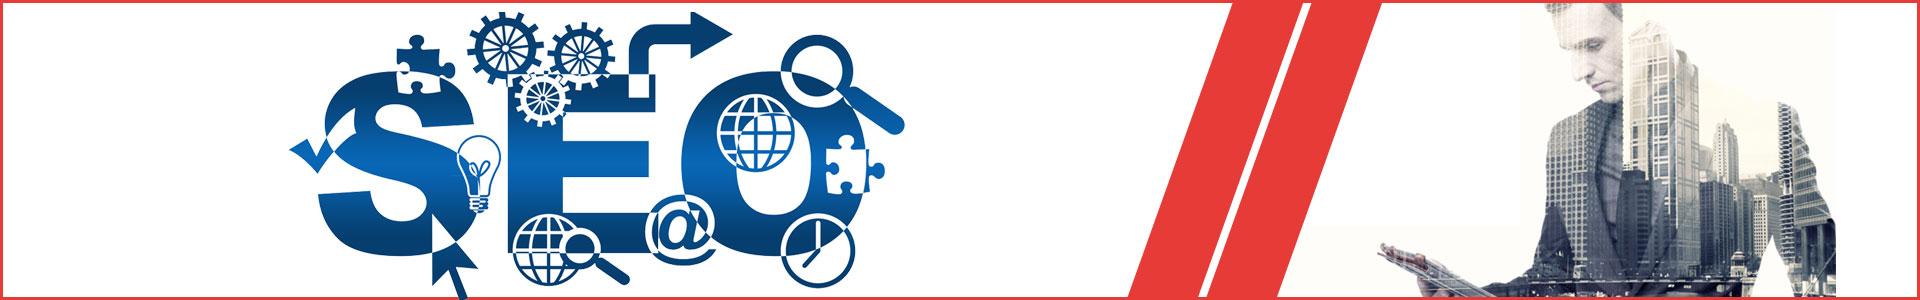 Listahan ng Kumpanya Incubator FindWeb